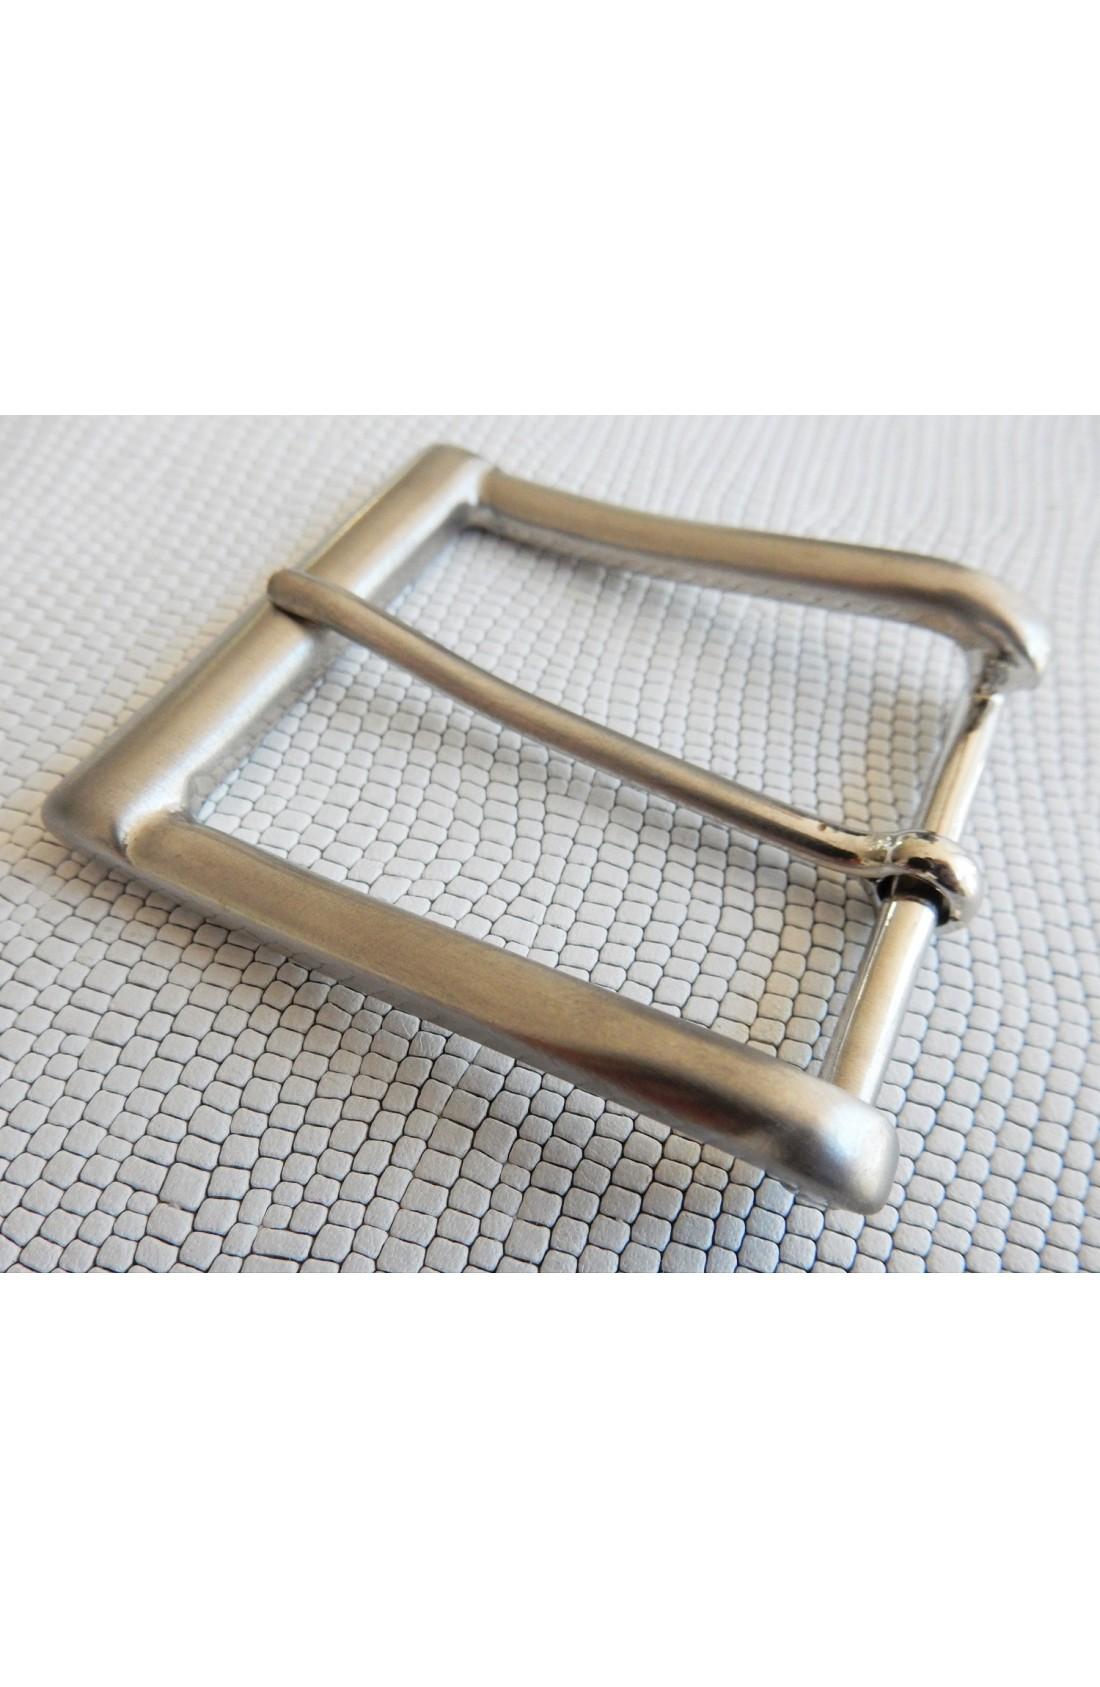 Fibbia Standard B 806 mm.40 nikel satinato (2)